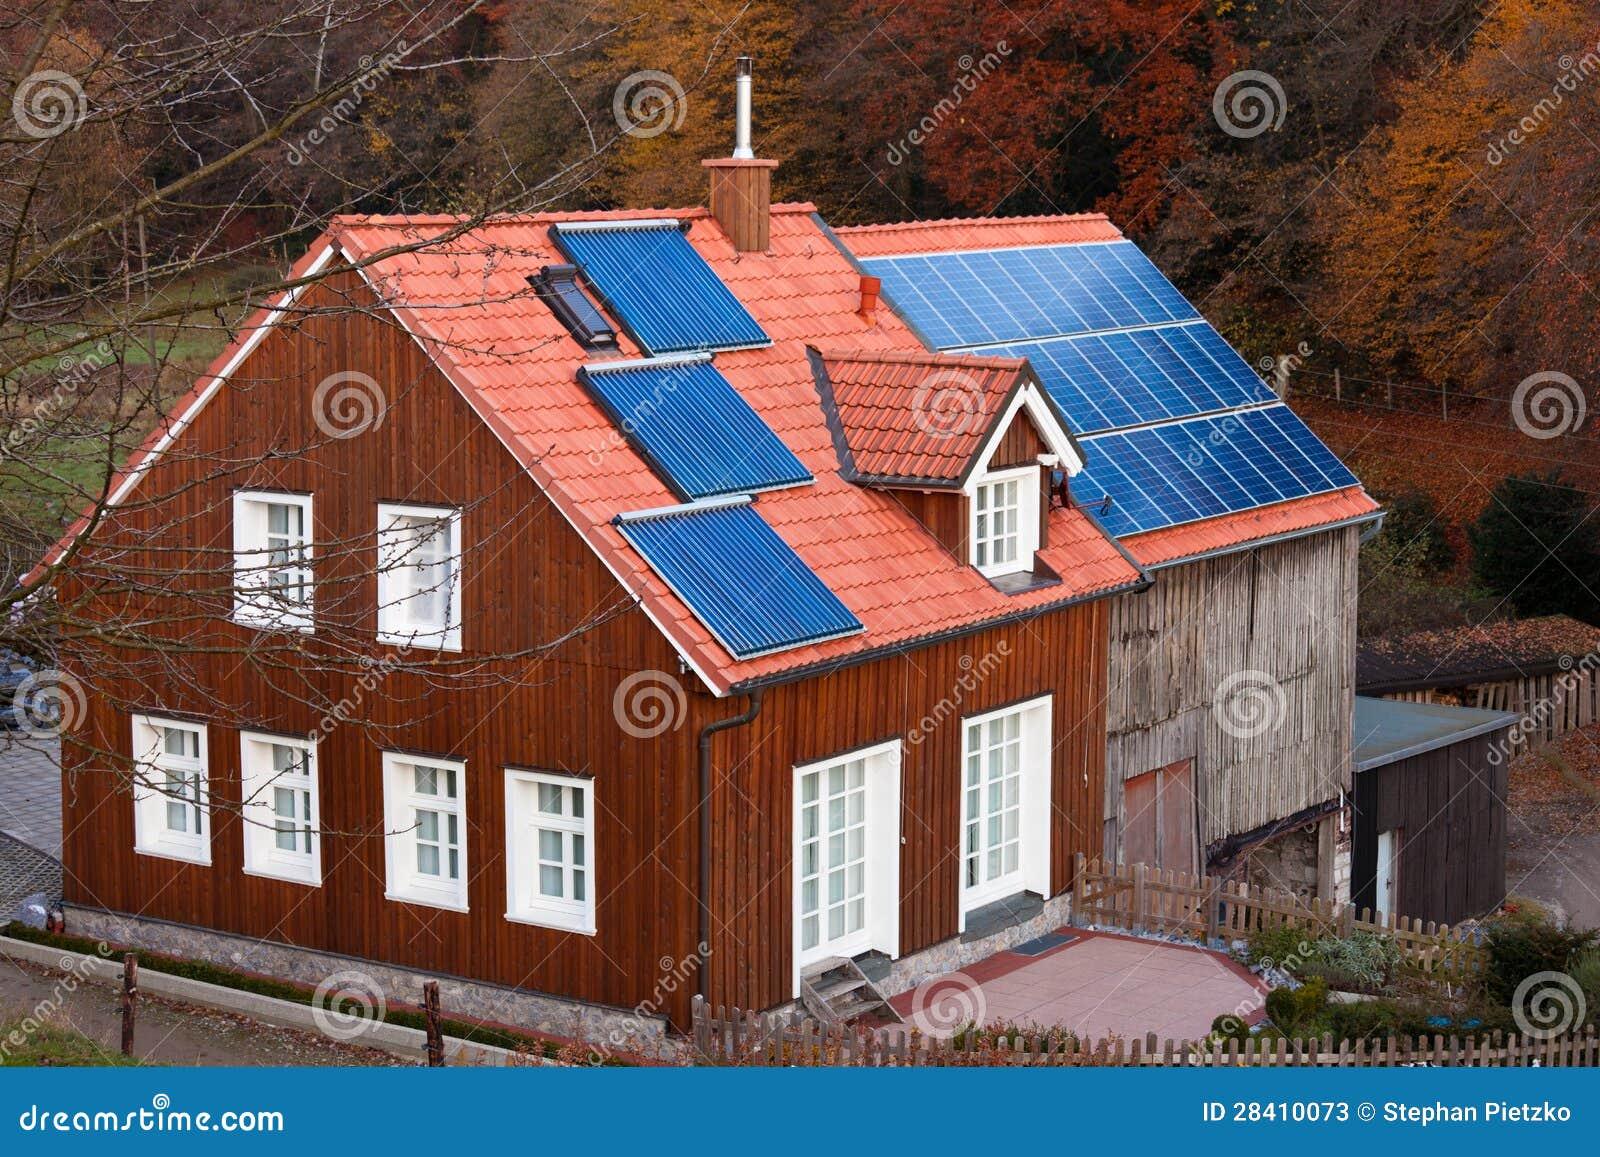 La casa con los paneles solares asolea el sistema de calefacci n en el tejado fotos de archivo - La casa en el tejado ...